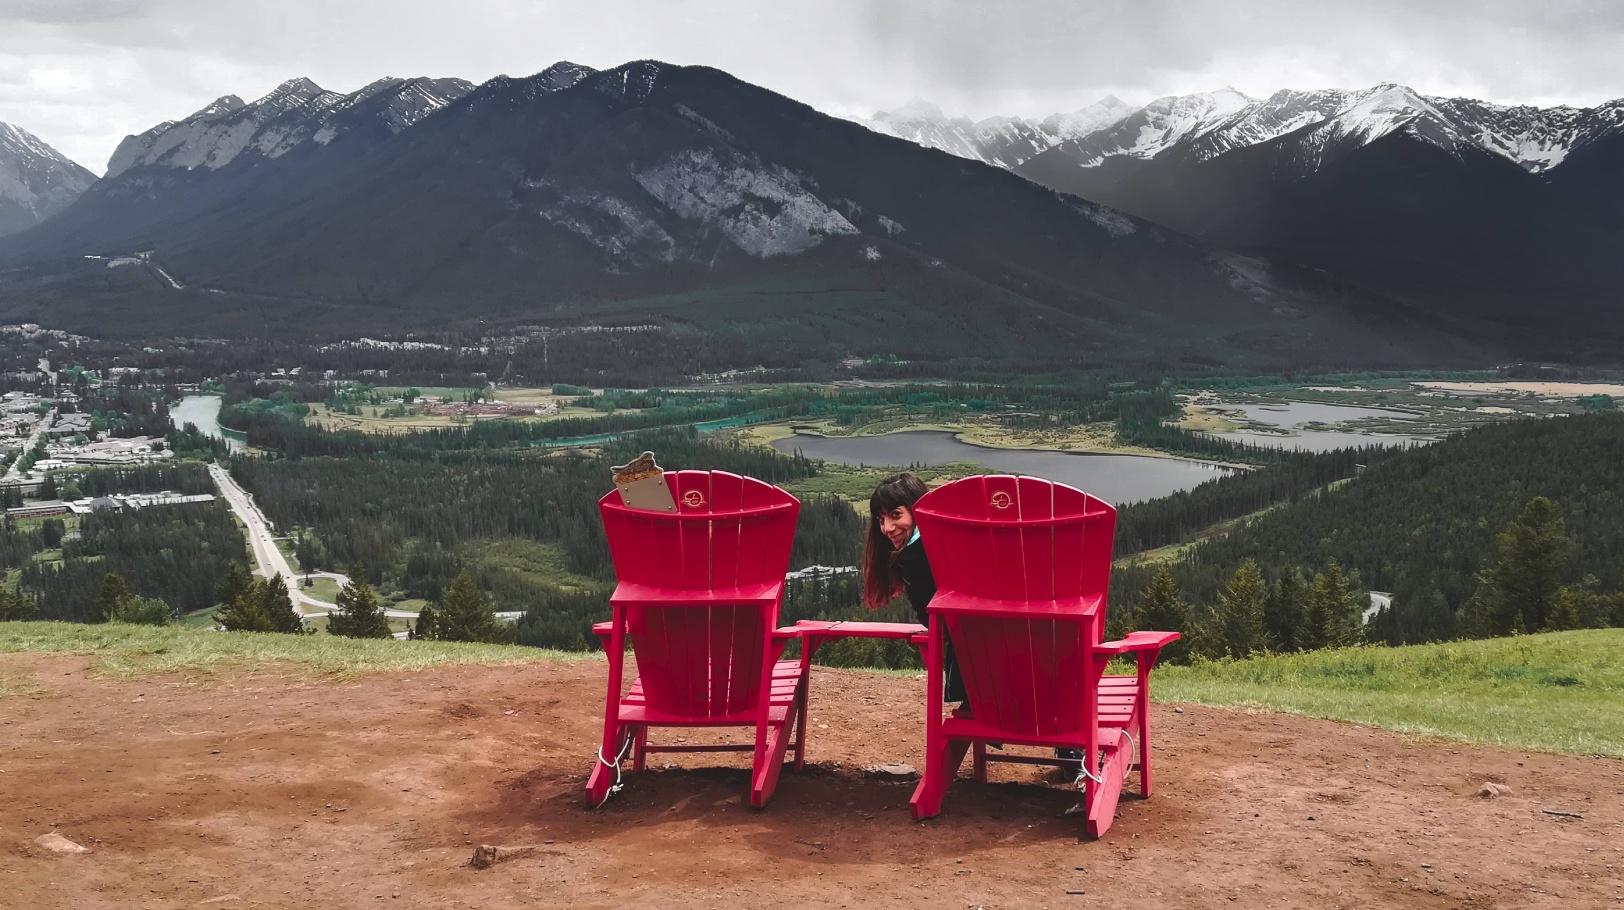 Mapa de las sillas rojas o Red Chair - Rocosas Canadienses